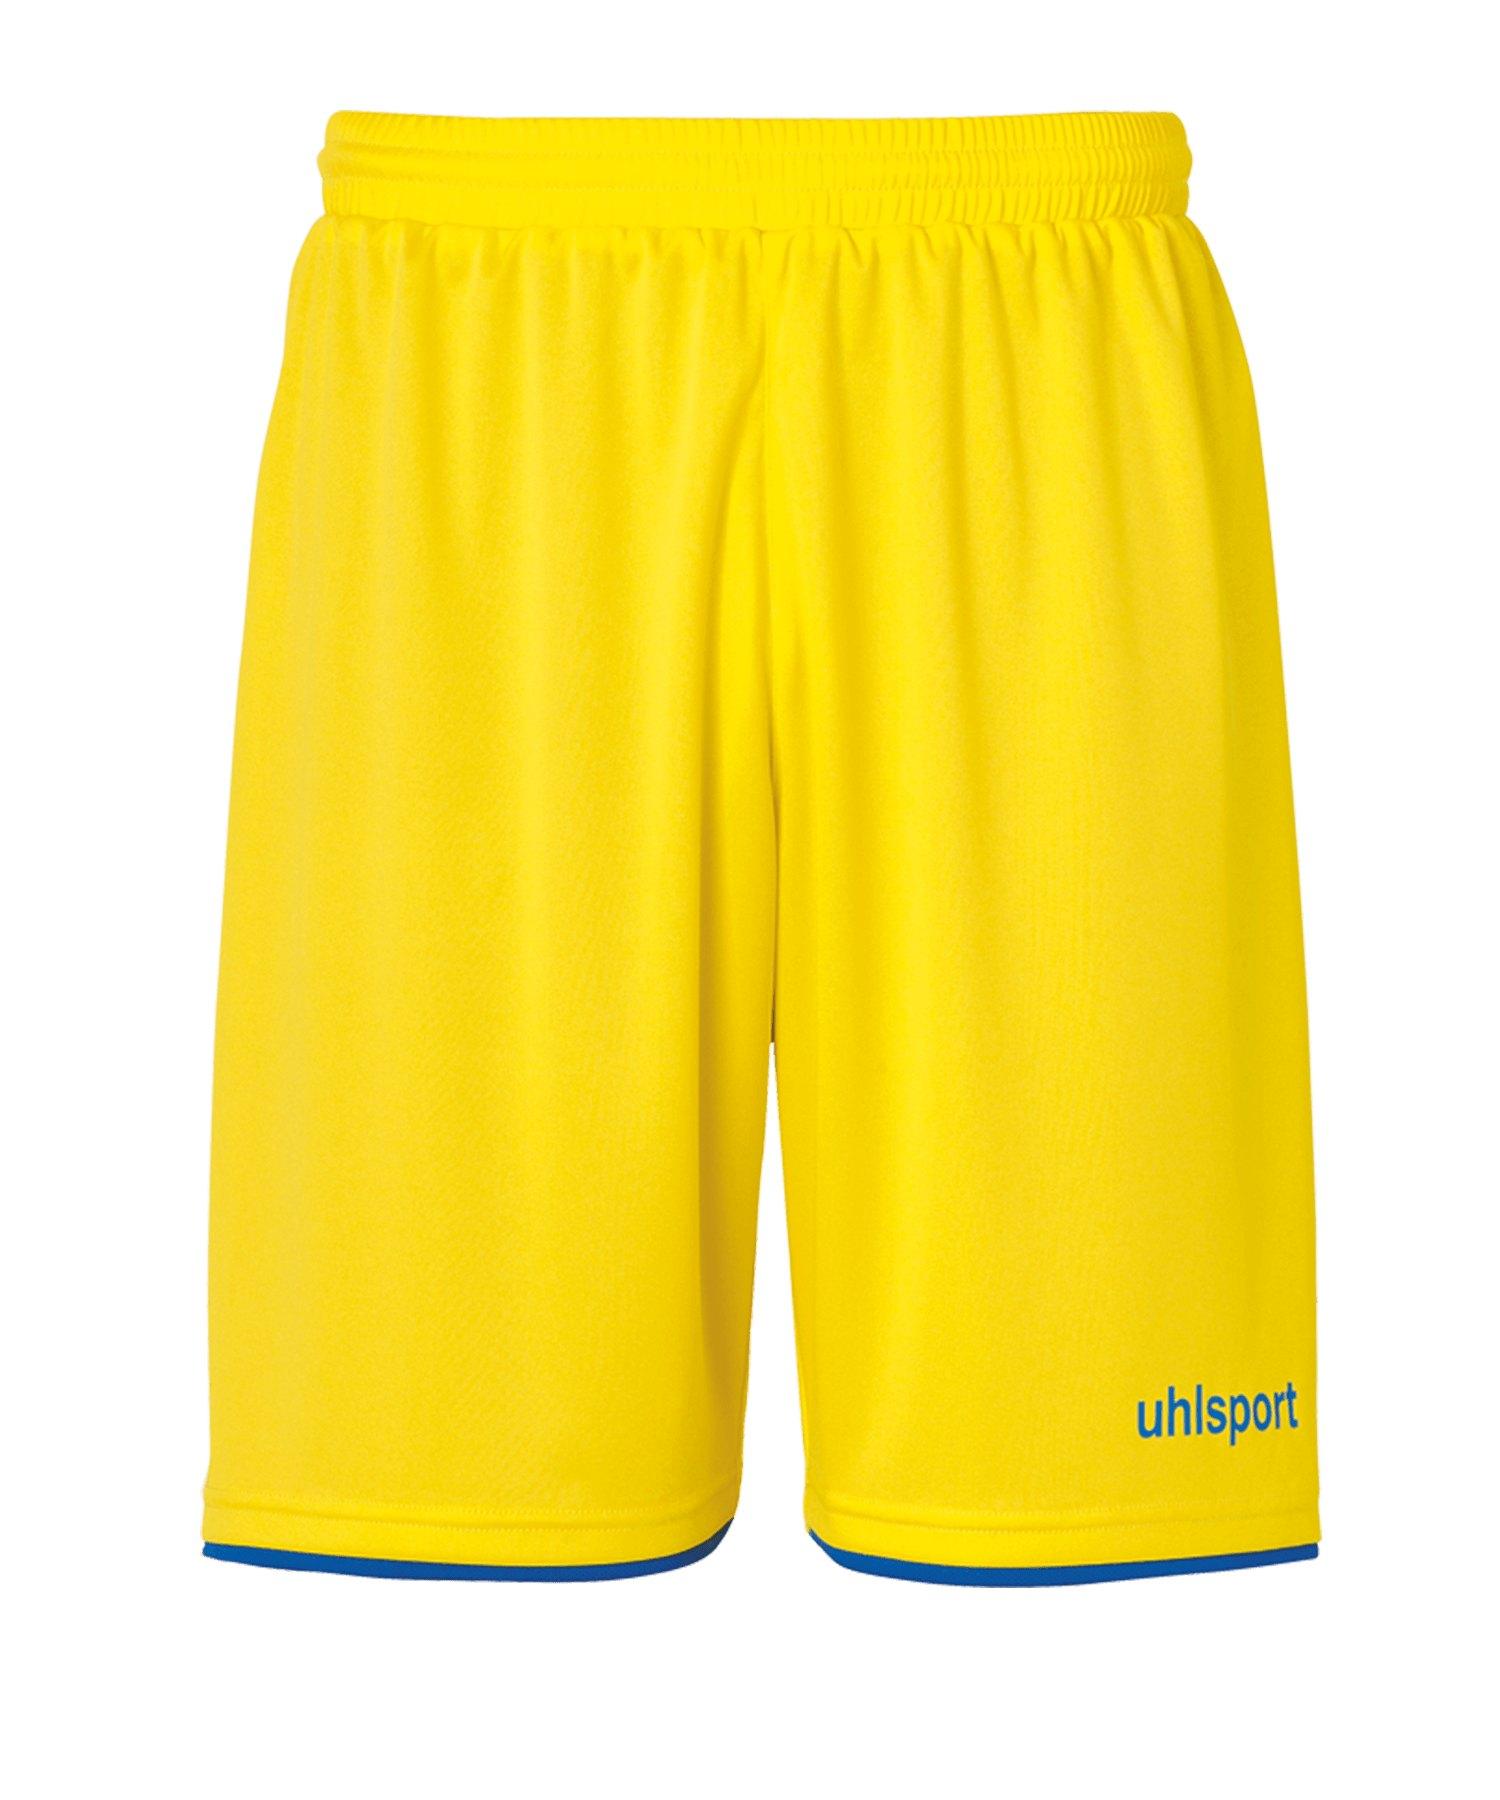 Uhlsport Club Short Kids Gelb Blau F11 - gelb